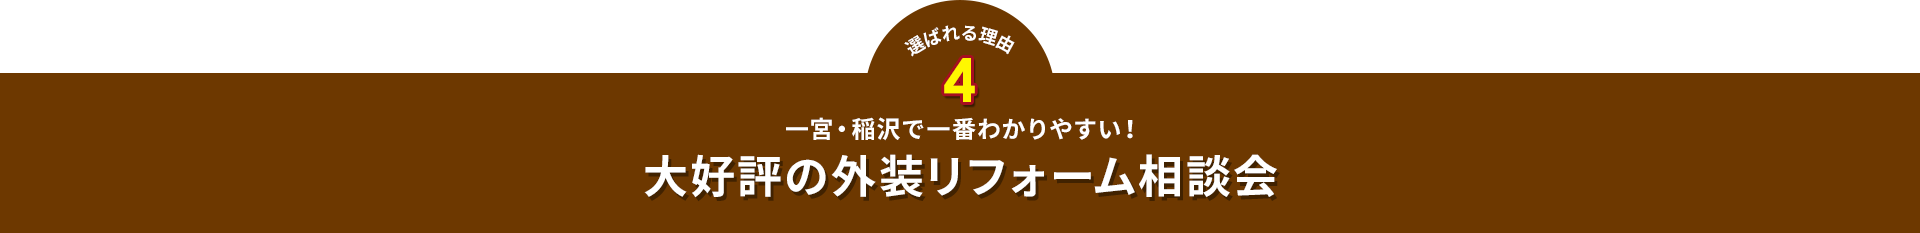 選ばれる理由4一宮、稲沢で一番わかりやすい!大好評の外装リフォーム相談会